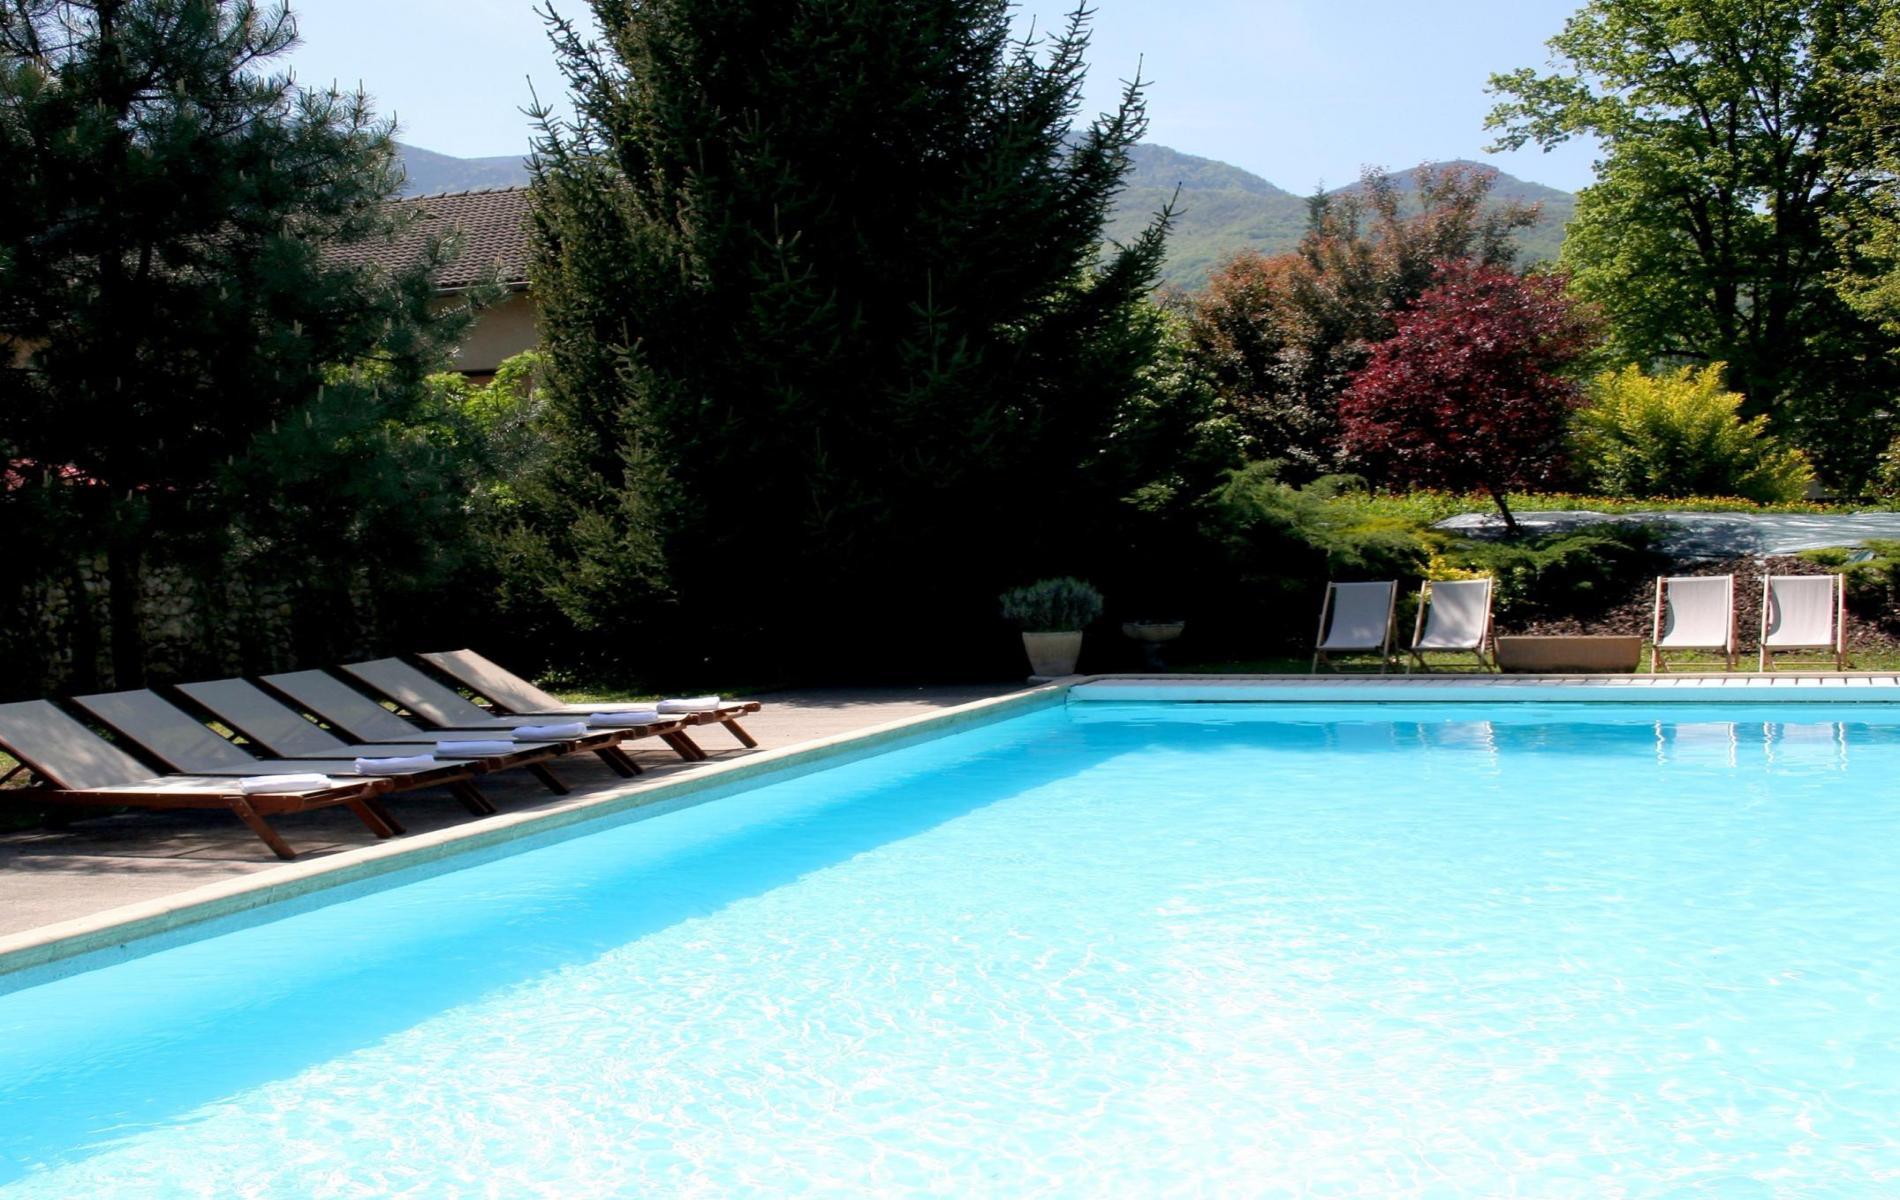 Hotel avec piscine entre grenoble et valence for Piscine grenoble